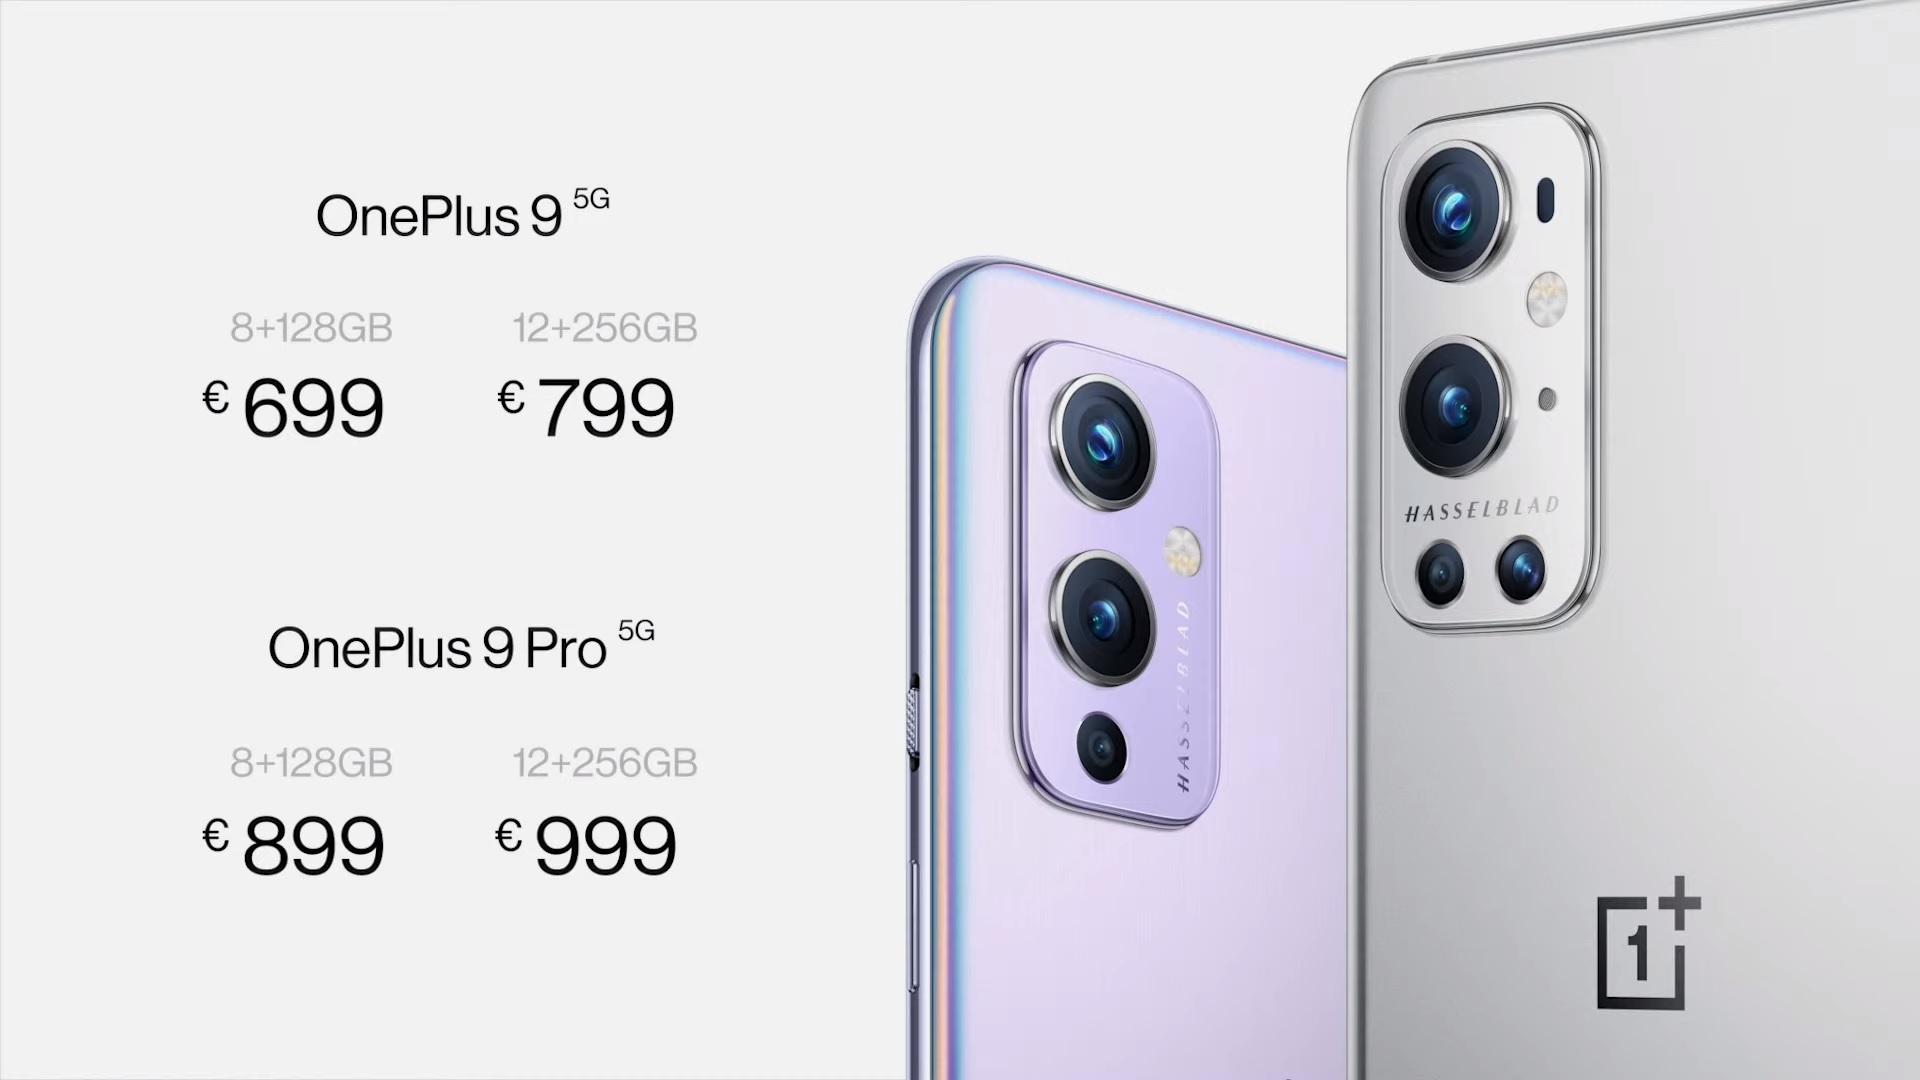 cena OnePlus 9 Pro w Europie